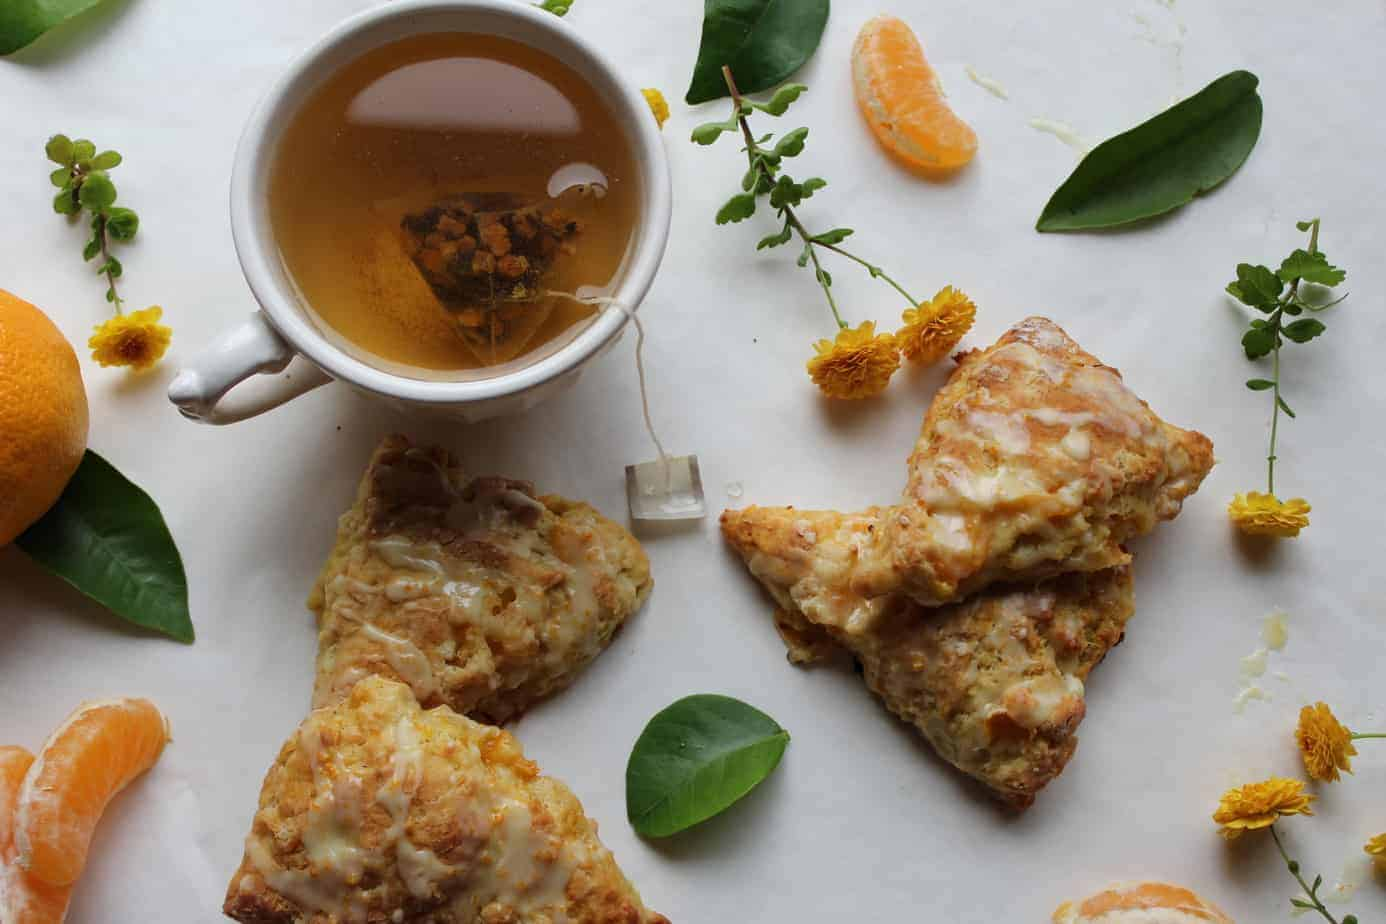 Mandarin-Orange-Scones-and-Tea